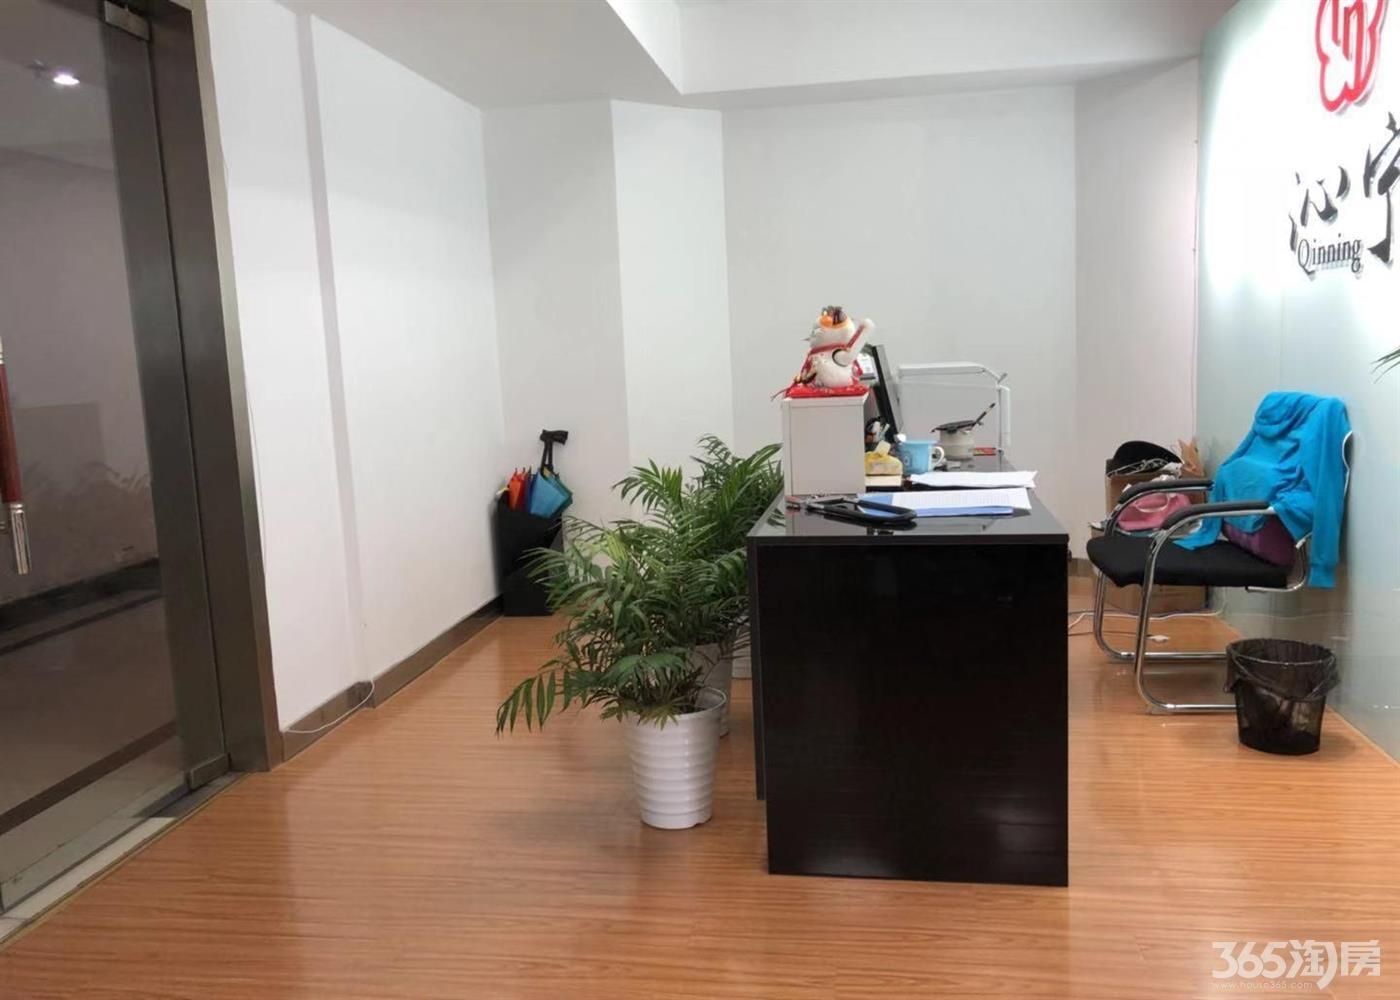 秦淮区新街口苏豪大厦租房